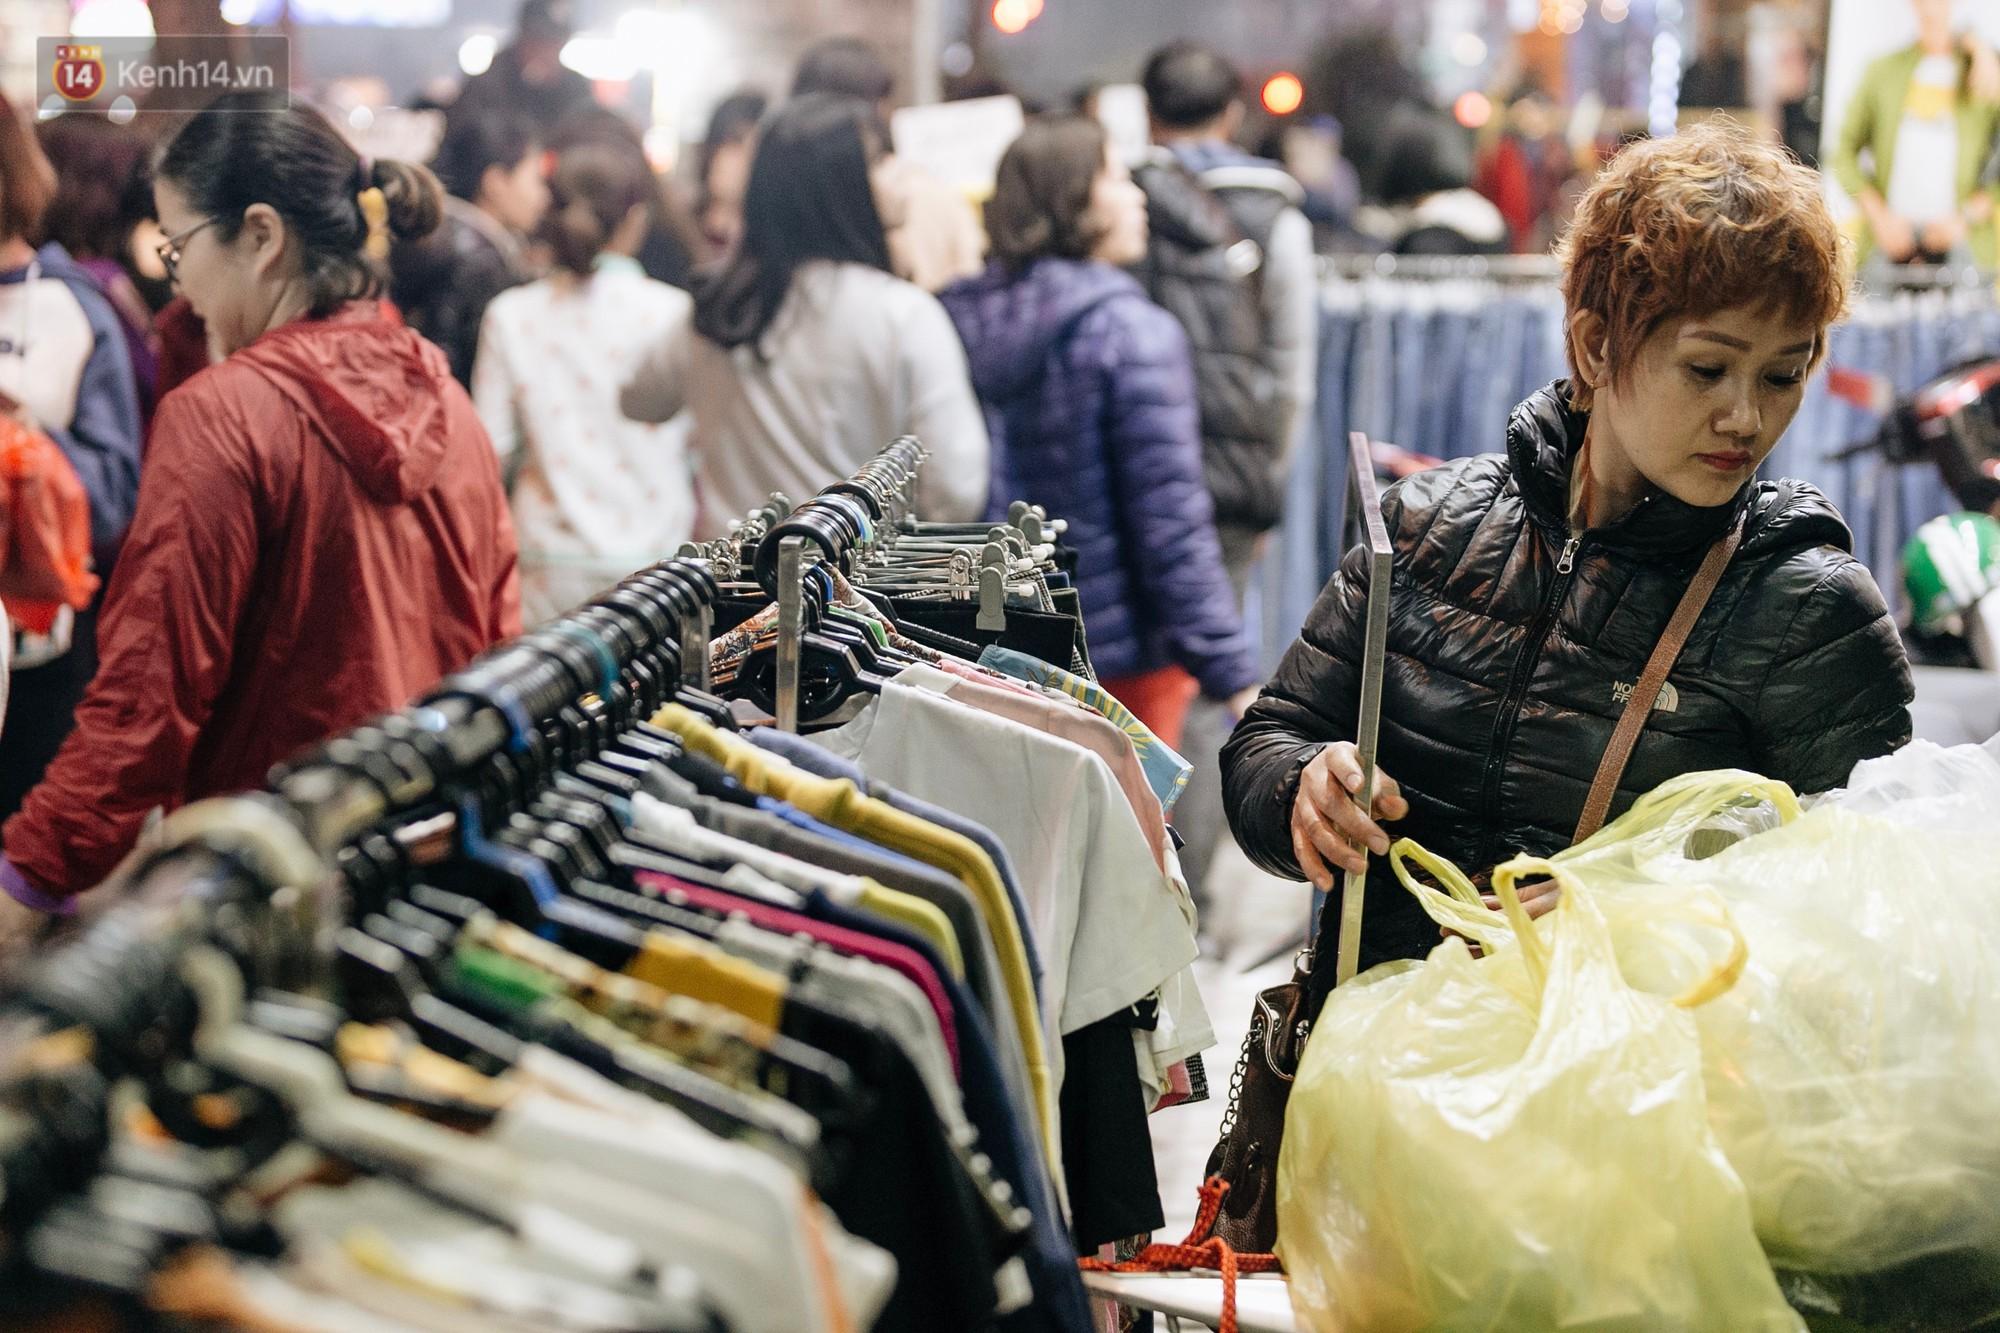 Vỉa hè Hà Nội trở thành chợ thời trang, trẻ em ngồi thùng xếp phụ bố mẹ bán hàng ngày cận Tết - Ảnh 10.